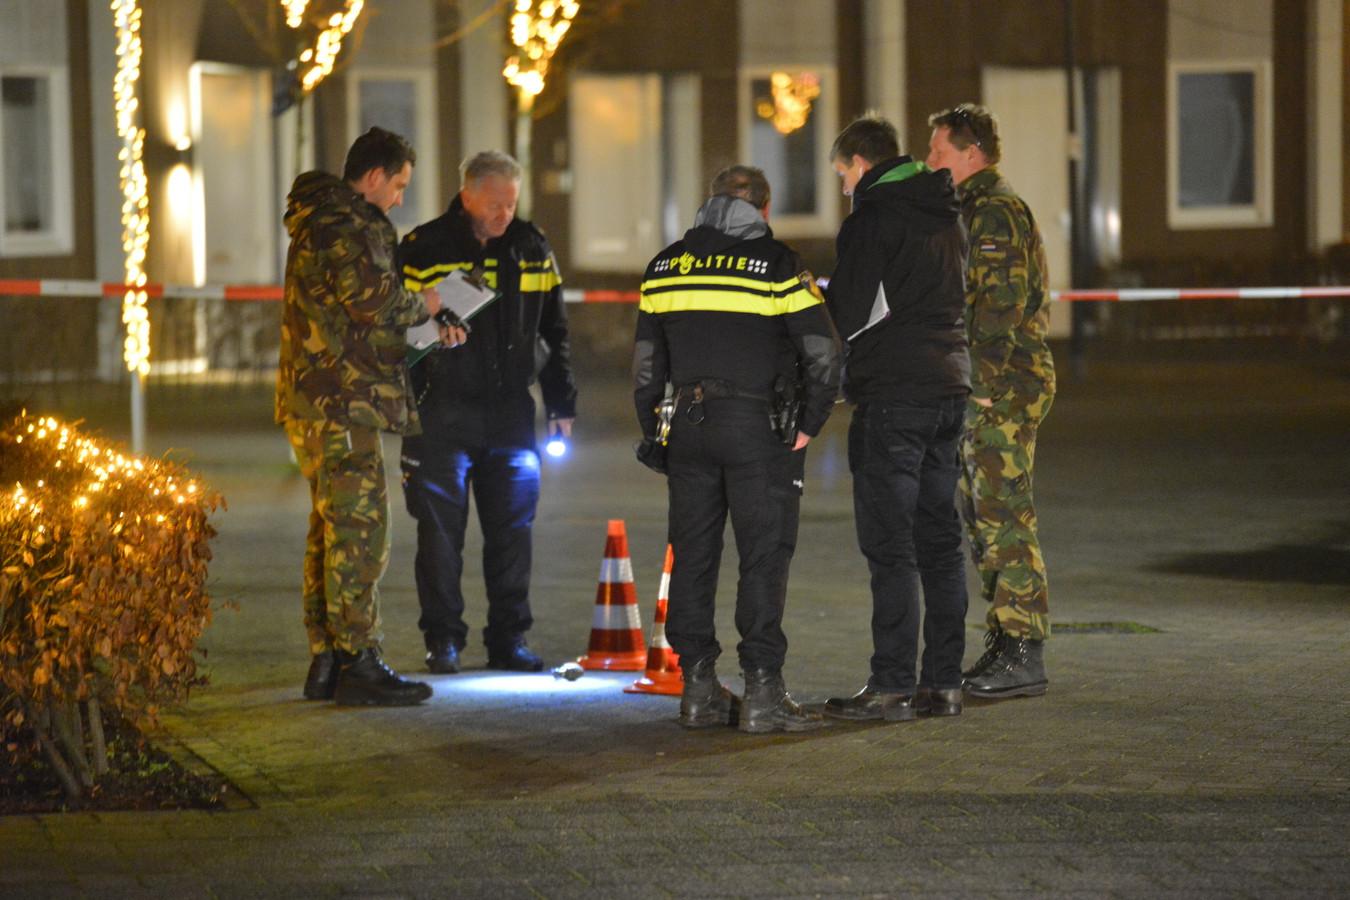 Medewerkers van de EOD deden onderzoek naar de granaat, die nep bleek te zijn.